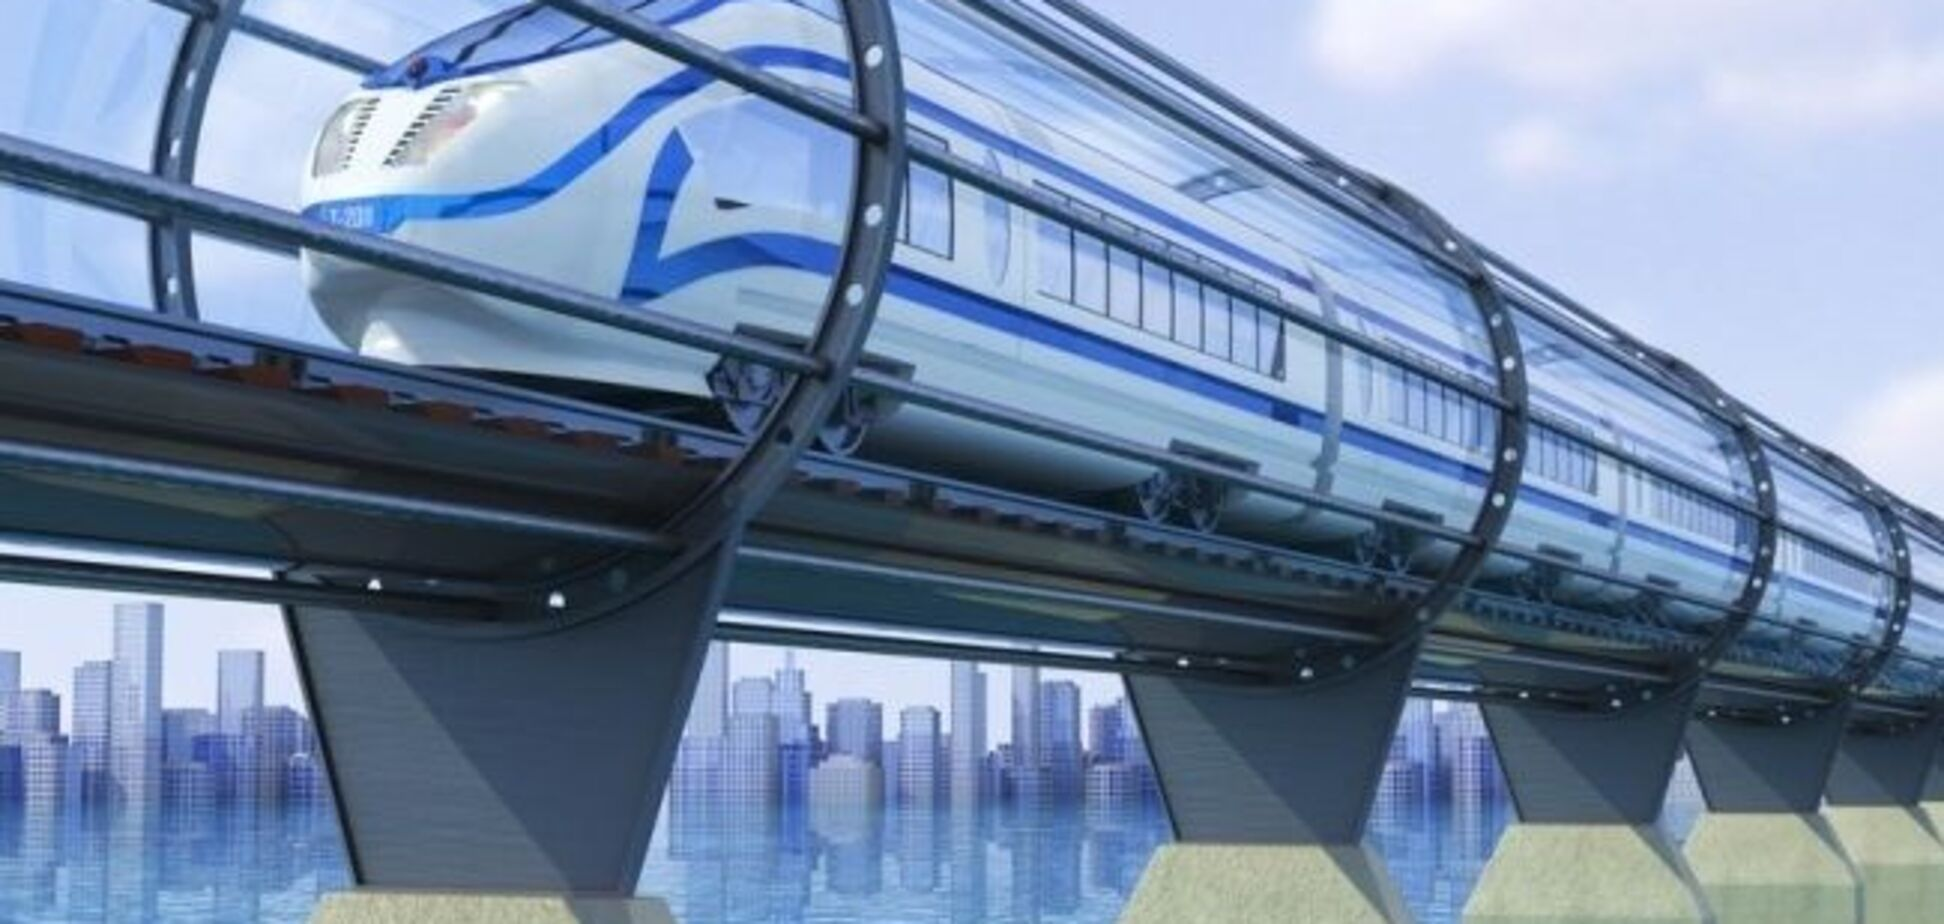 Омелян сказал, когда ждать Hyperloop в Украине